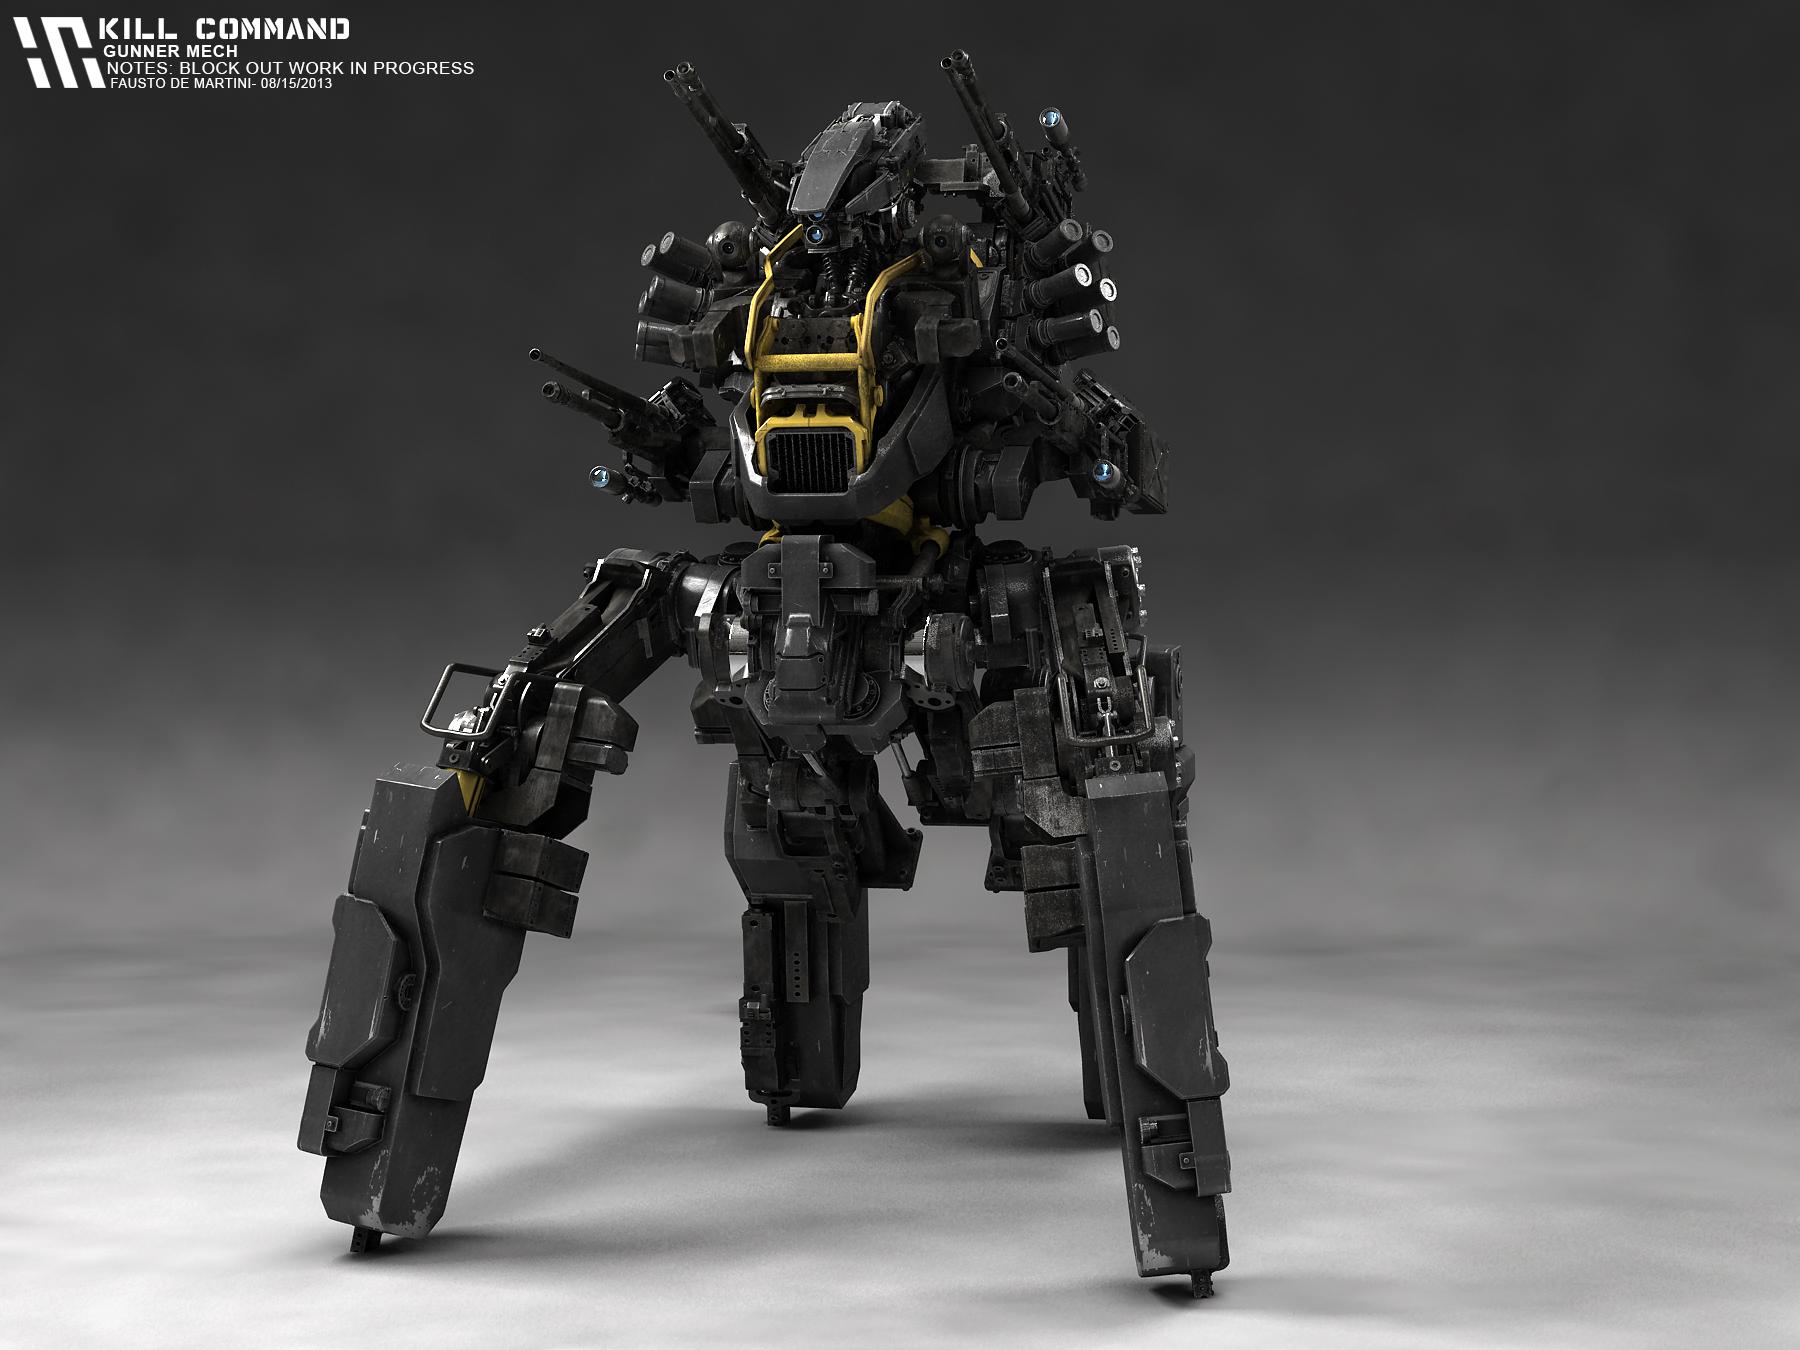 KILLCOMMAND_Gunner_081513_BlockoutB_FDM.jpg